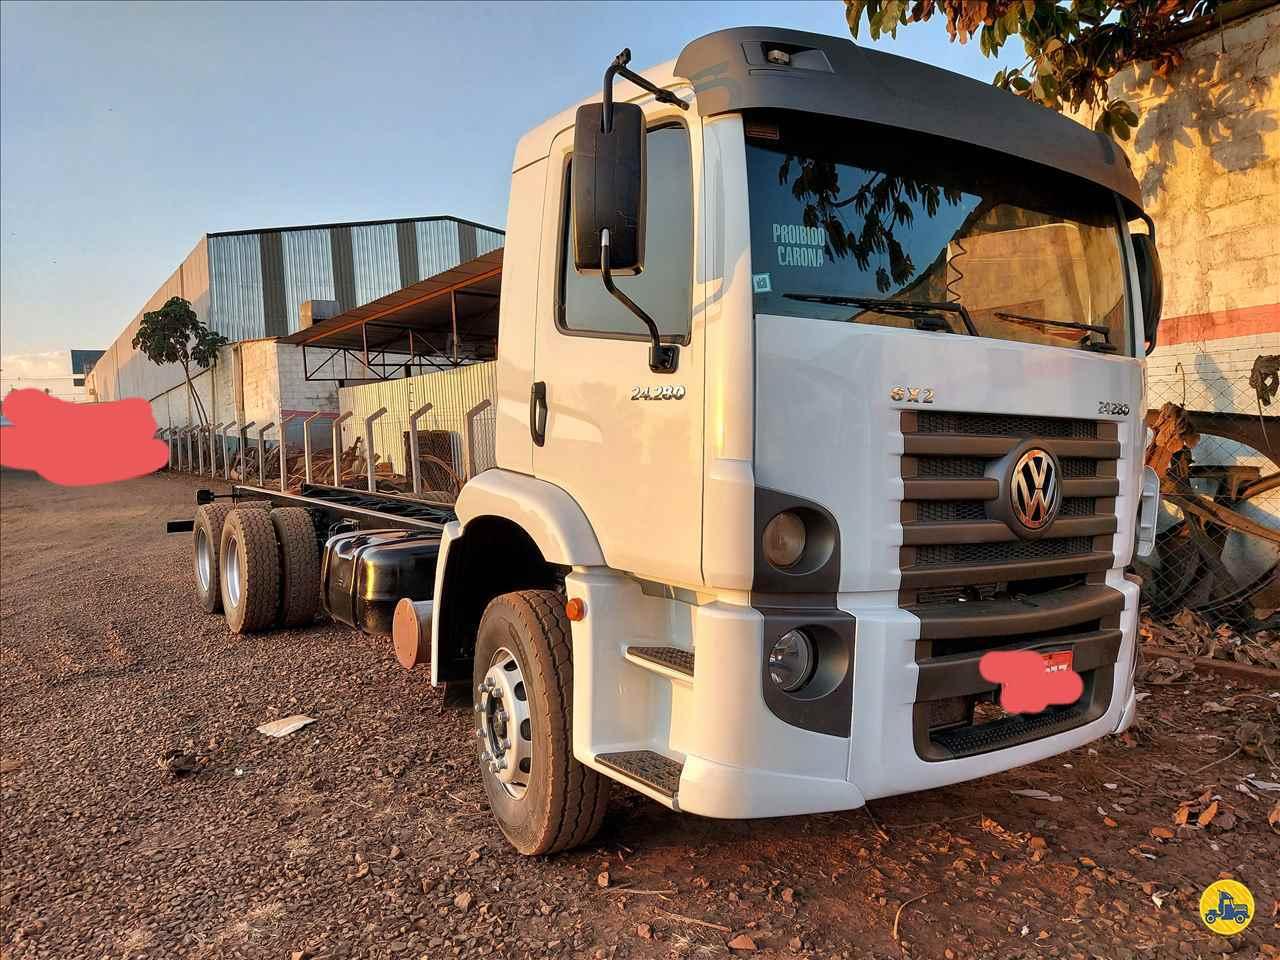 CAMINHAO VOLKSWAGEN VW 24280 Chassis Truck 6x2 Usados Rio Verde Caminhões e Carretas RIO VERDE GOIAS GO